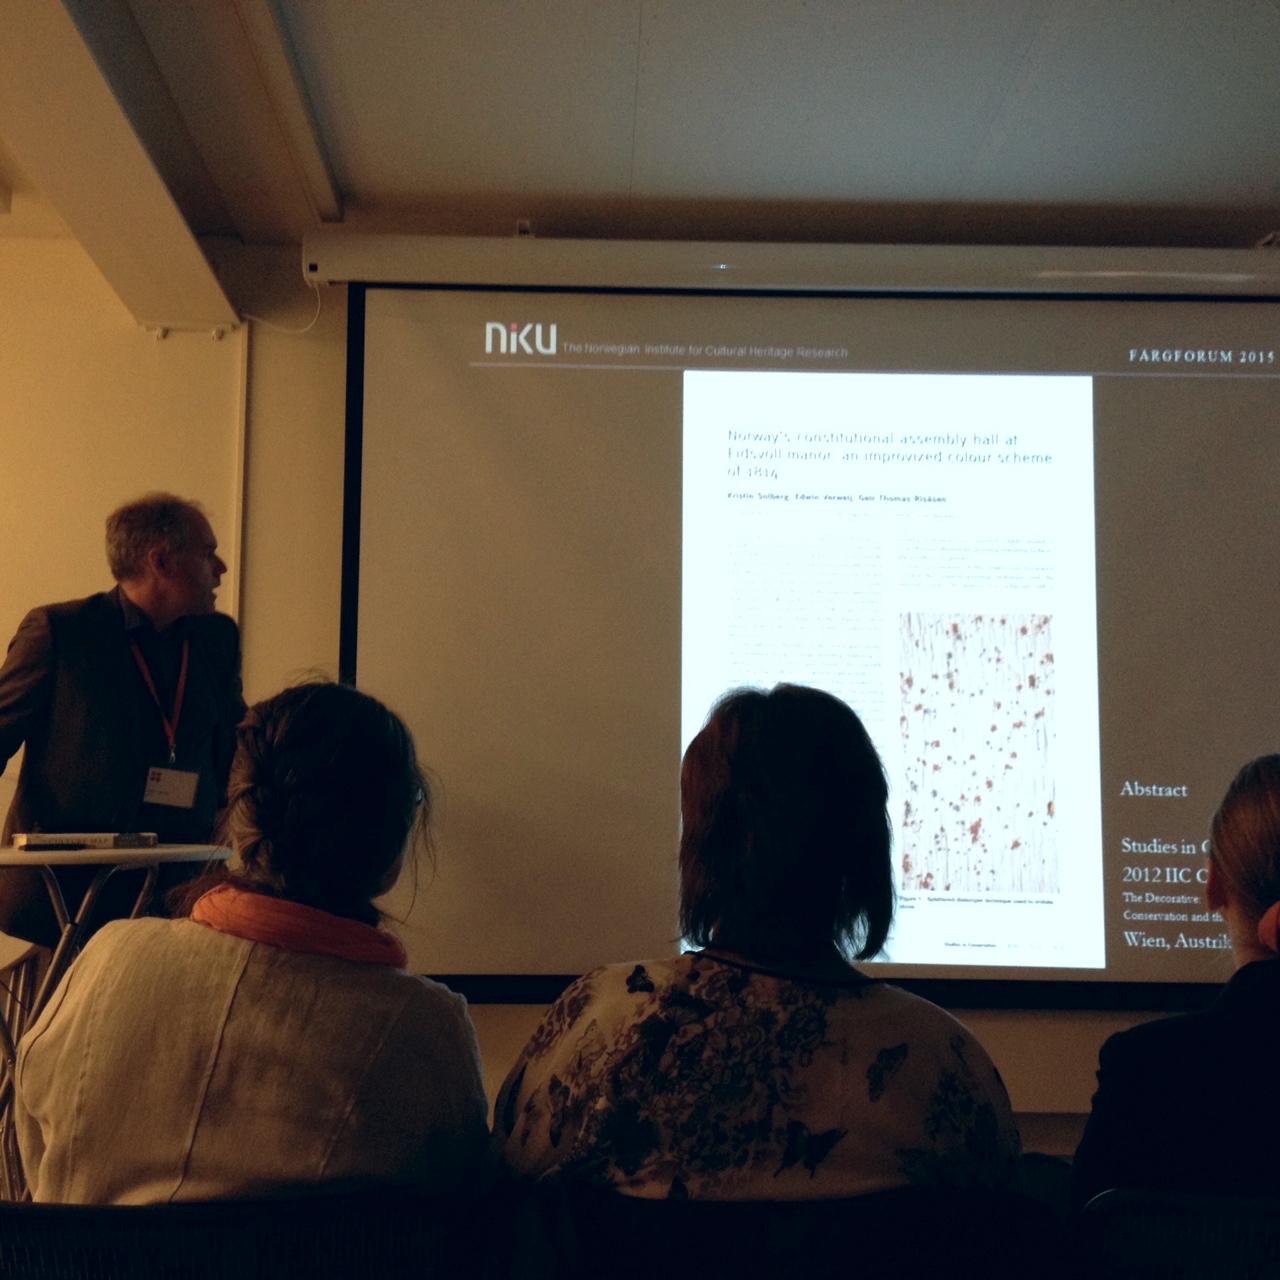 Edwin Verweij från NIKU i Norge delade med sig av några reflektioner kring en färgundersökning i relation till kvaliteten hos resultatet.